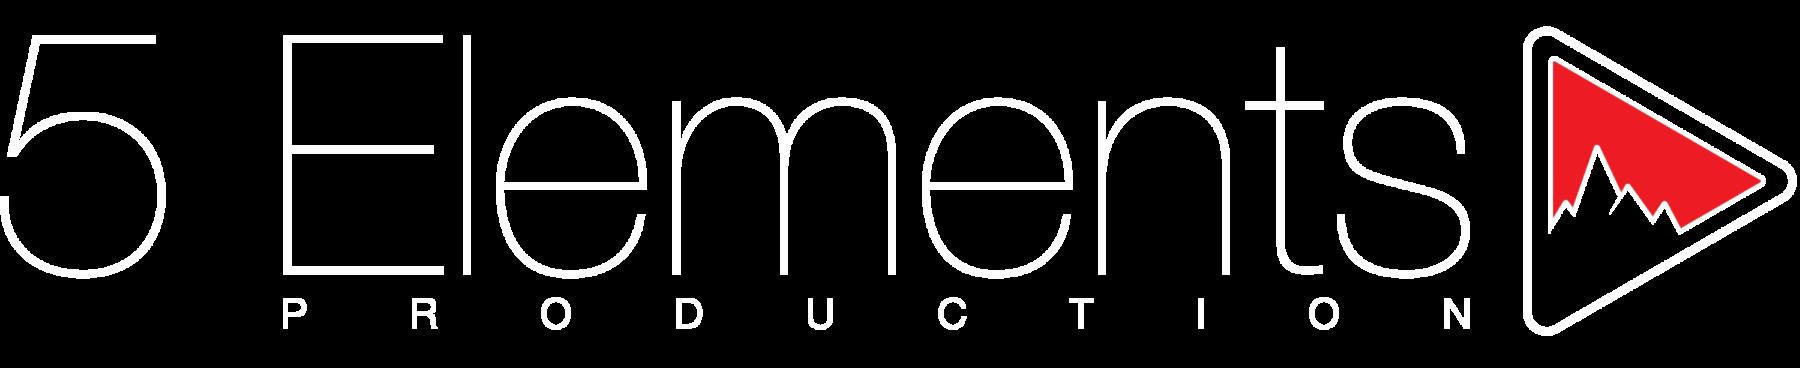 5 Elements Production | Spécialiste Tournage Outdoor | Prise de Vue Aérienne